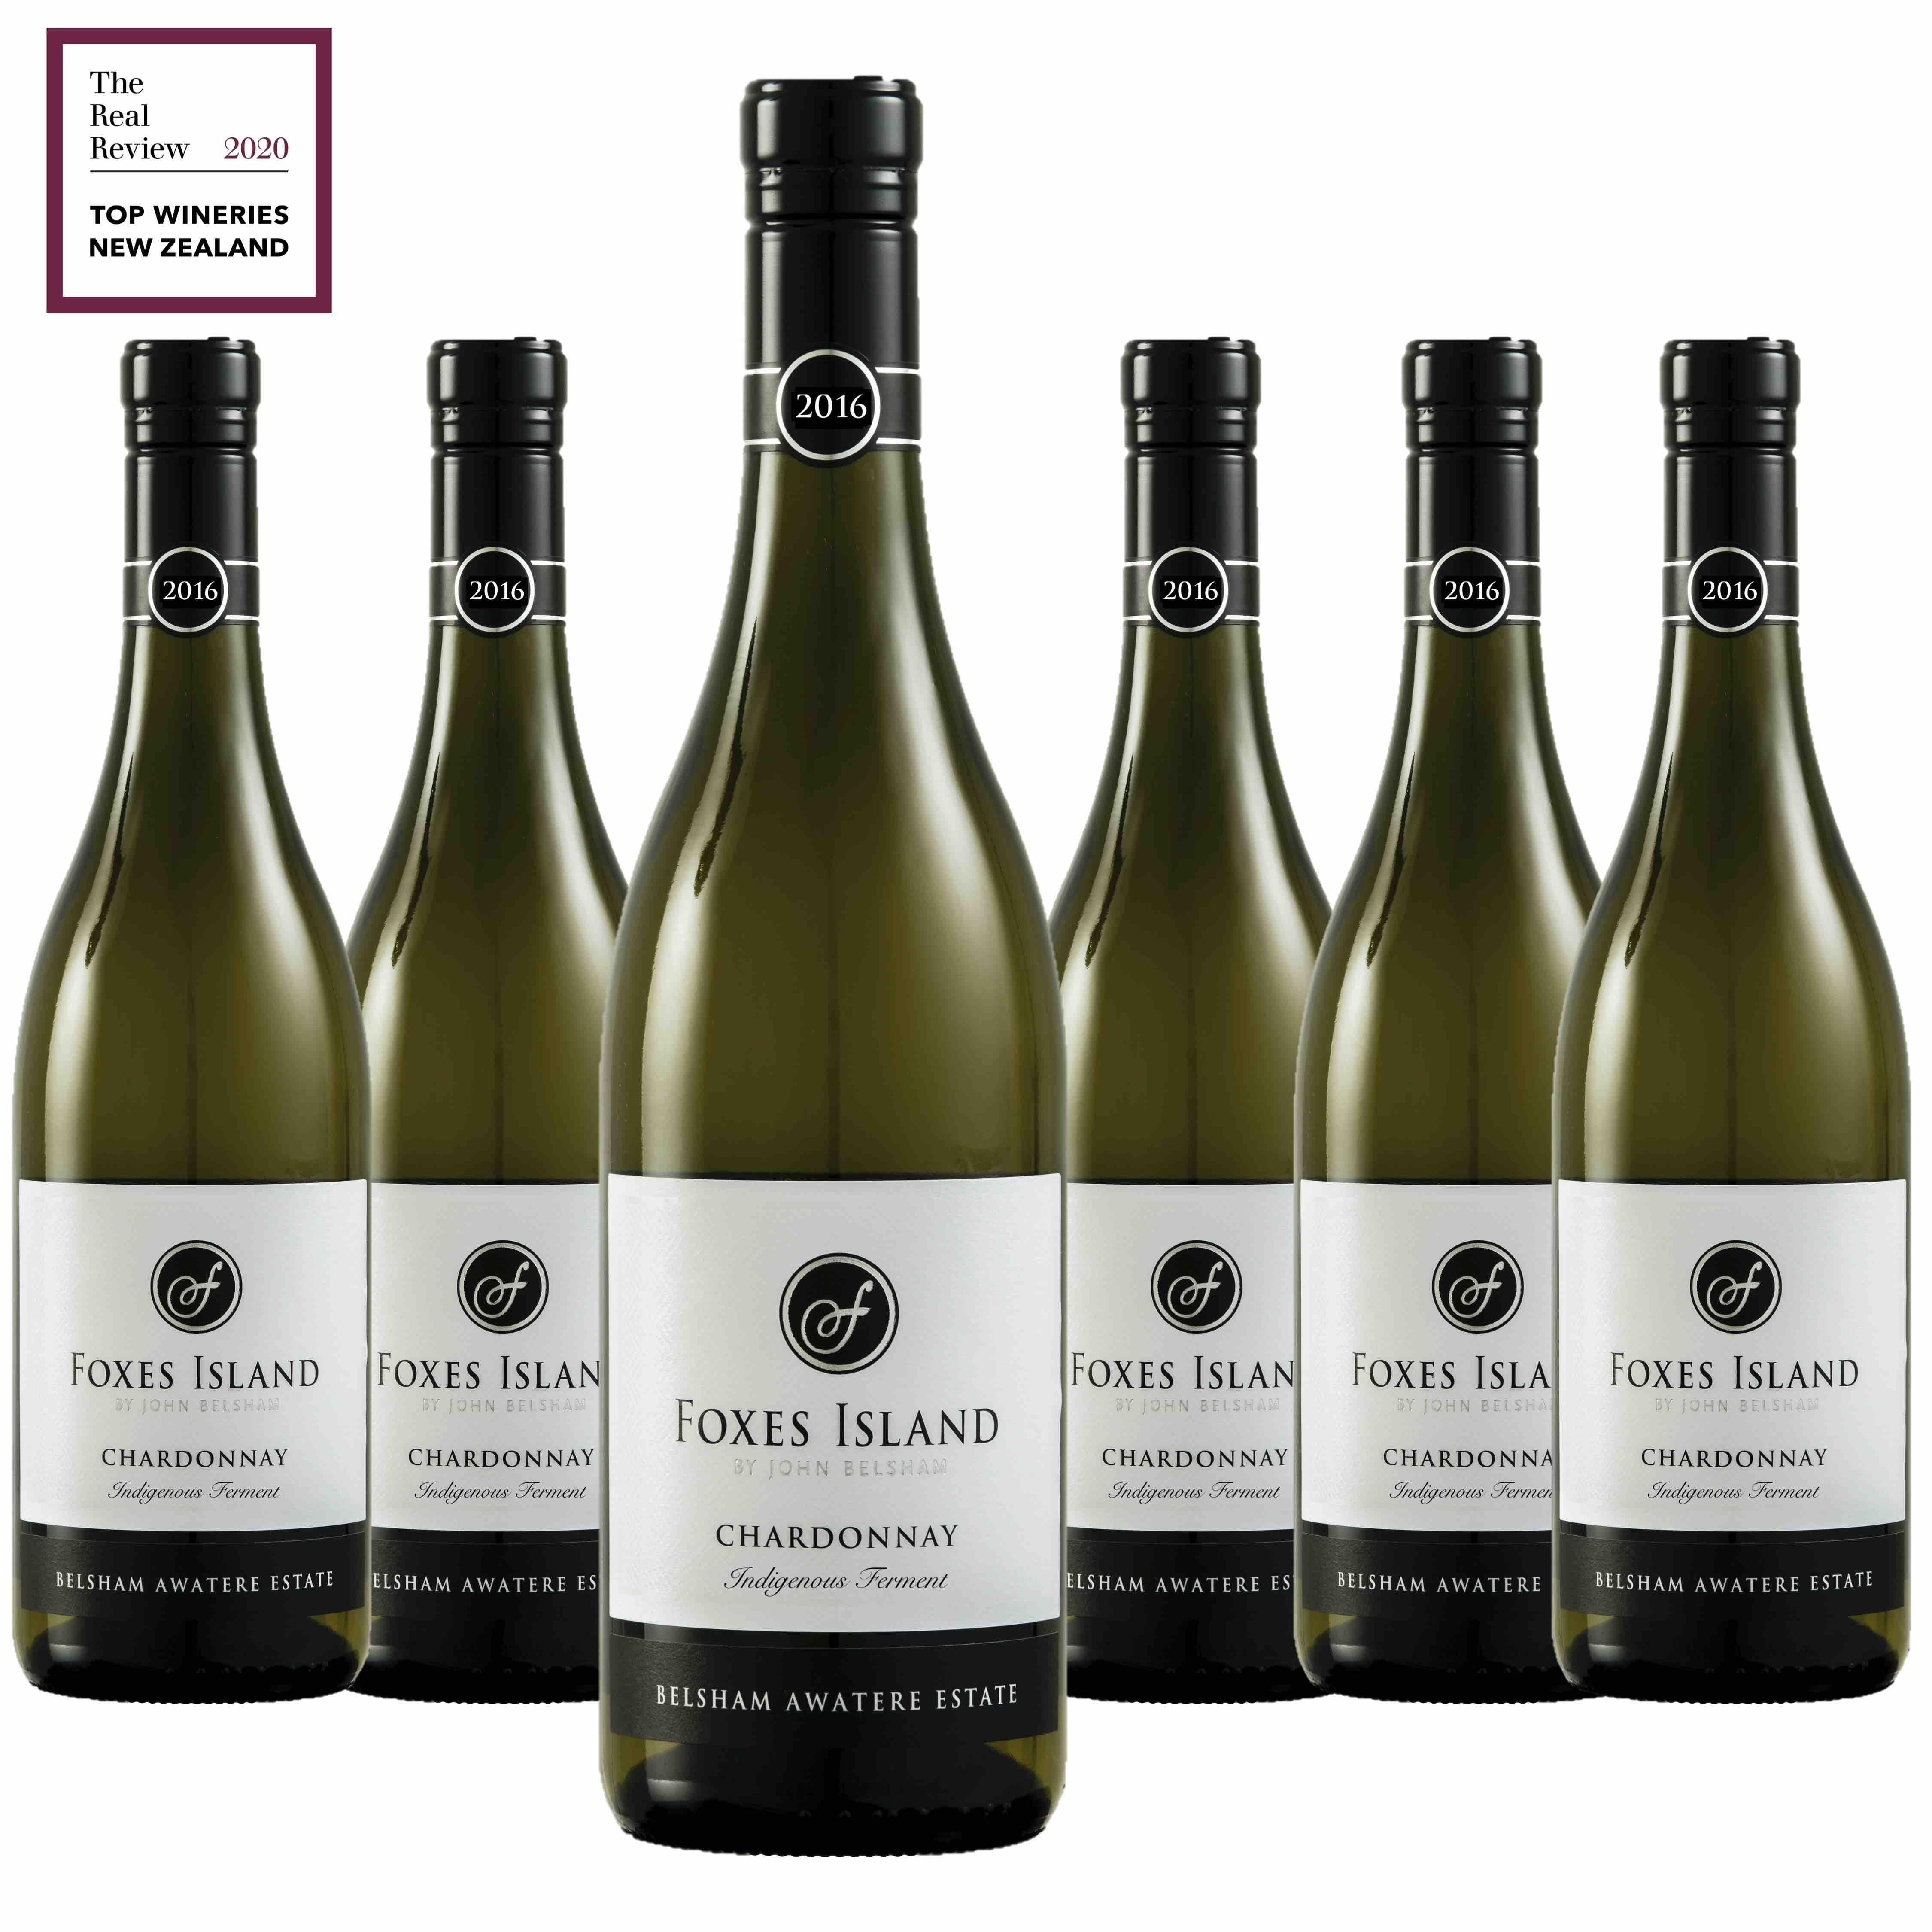 Foxes Island Chardonnay 2016